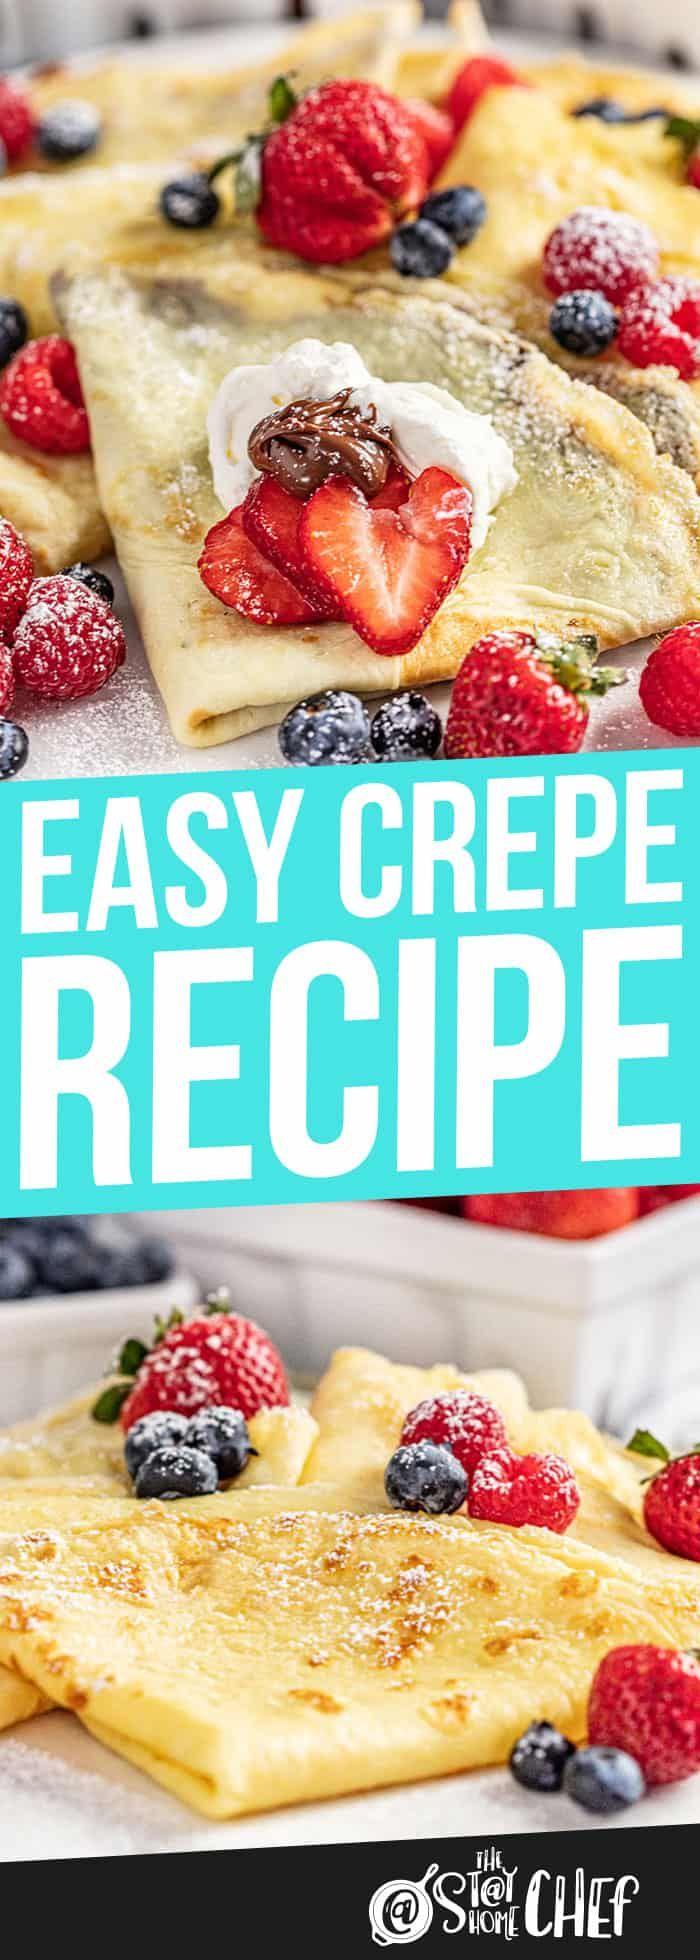 Easiest Crepe Recipe Recipe Easy Crepe Recipe Favorite Breakfast Recipes Crepes Recipe Breakfast